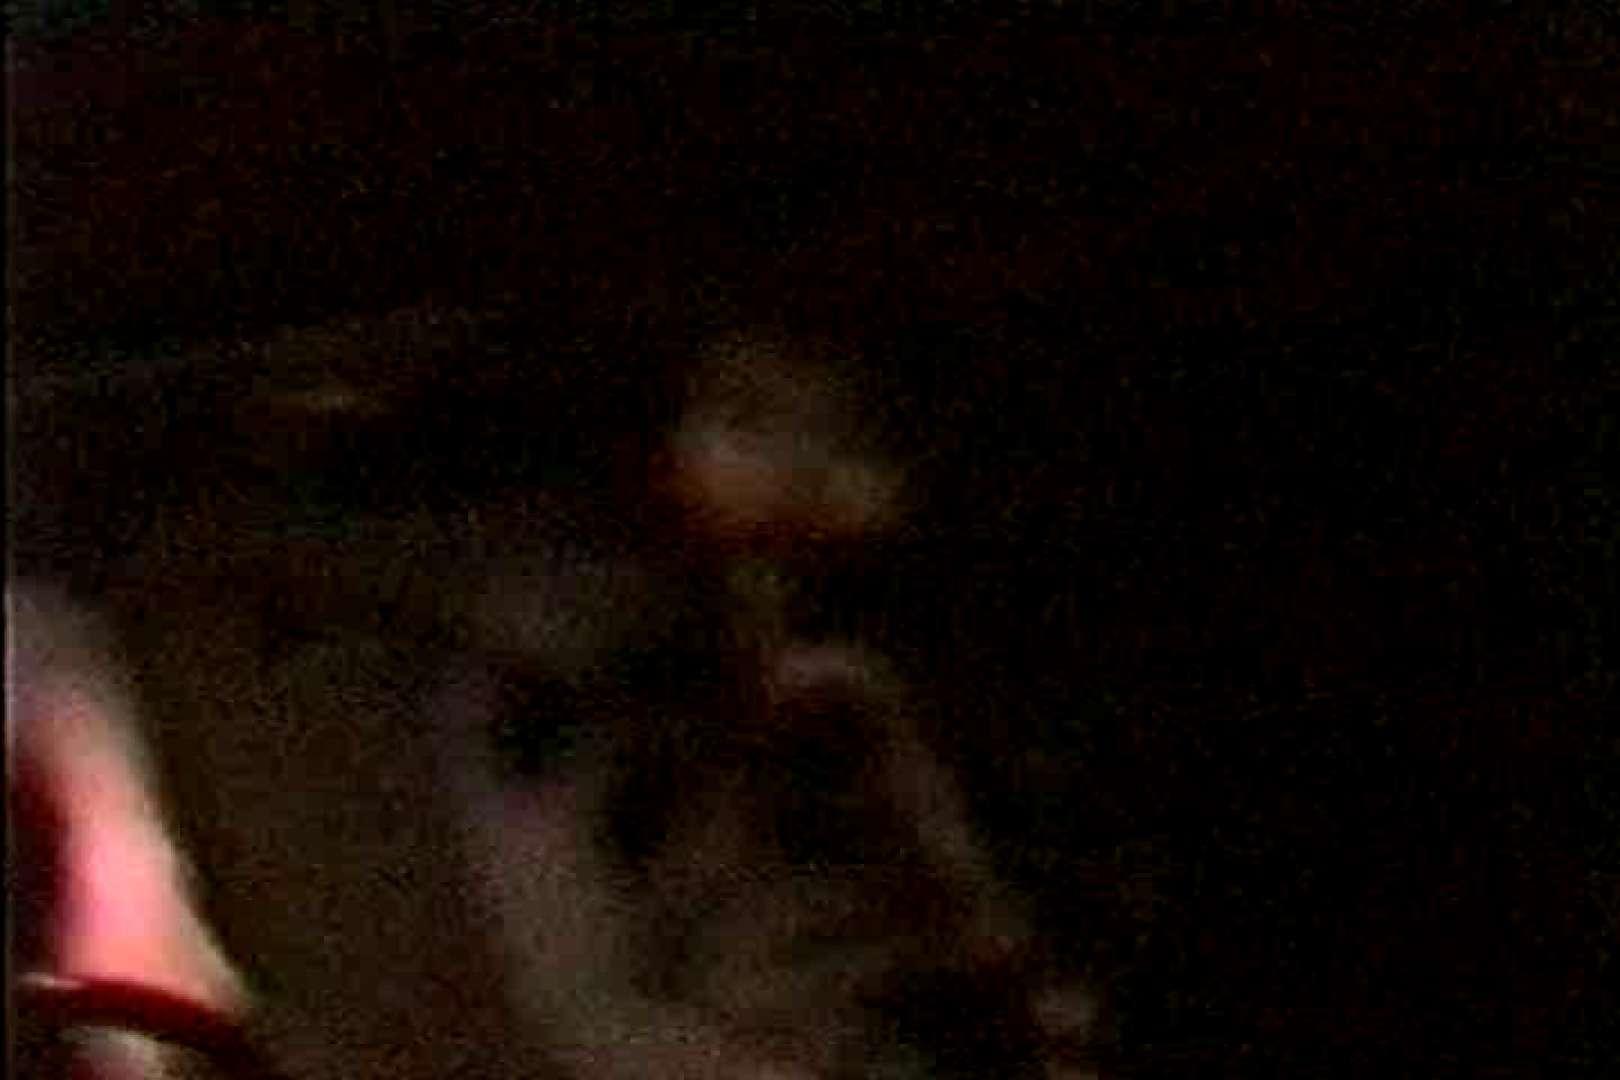 車の中はラブホテル 無修正版  Vol.8 望遠 のぞき動画画像 102PIX 37